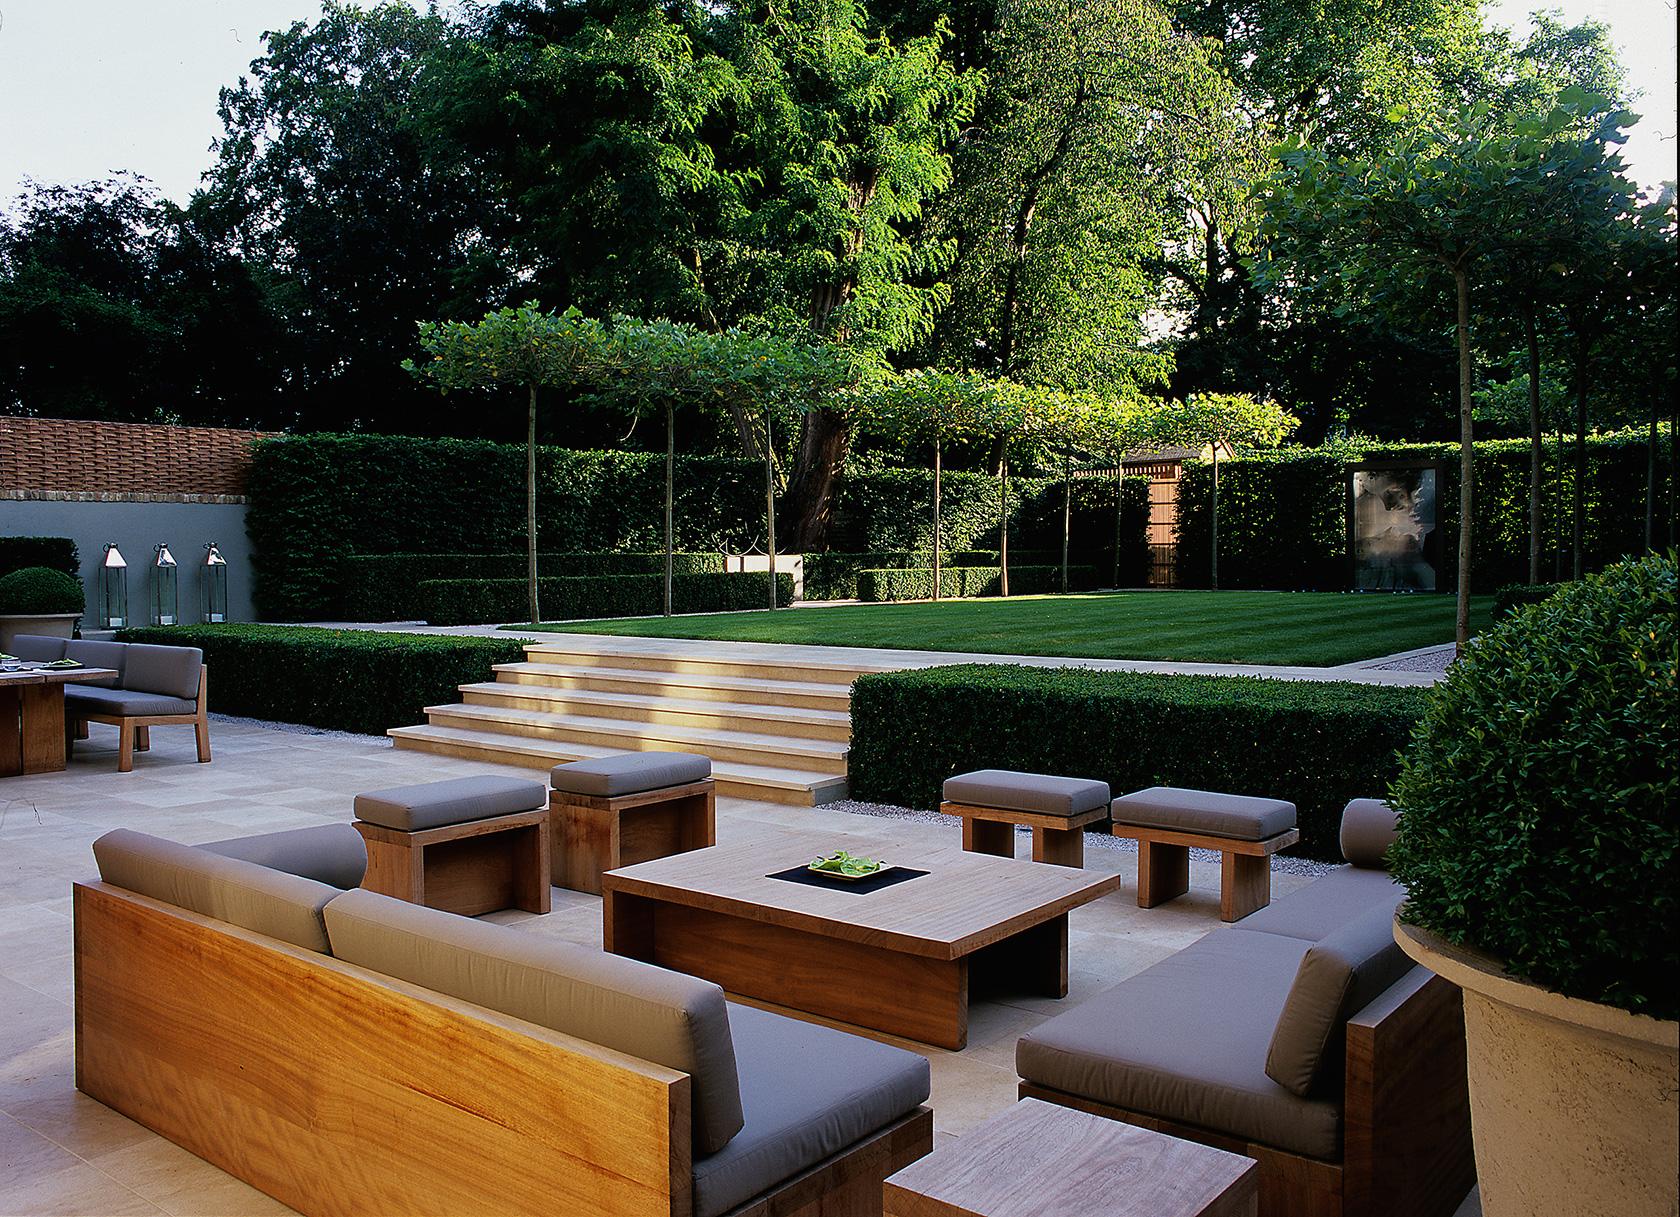 luciano giubbilei addison road. Black Bedroom Furniture Sets. Home Design Ideas